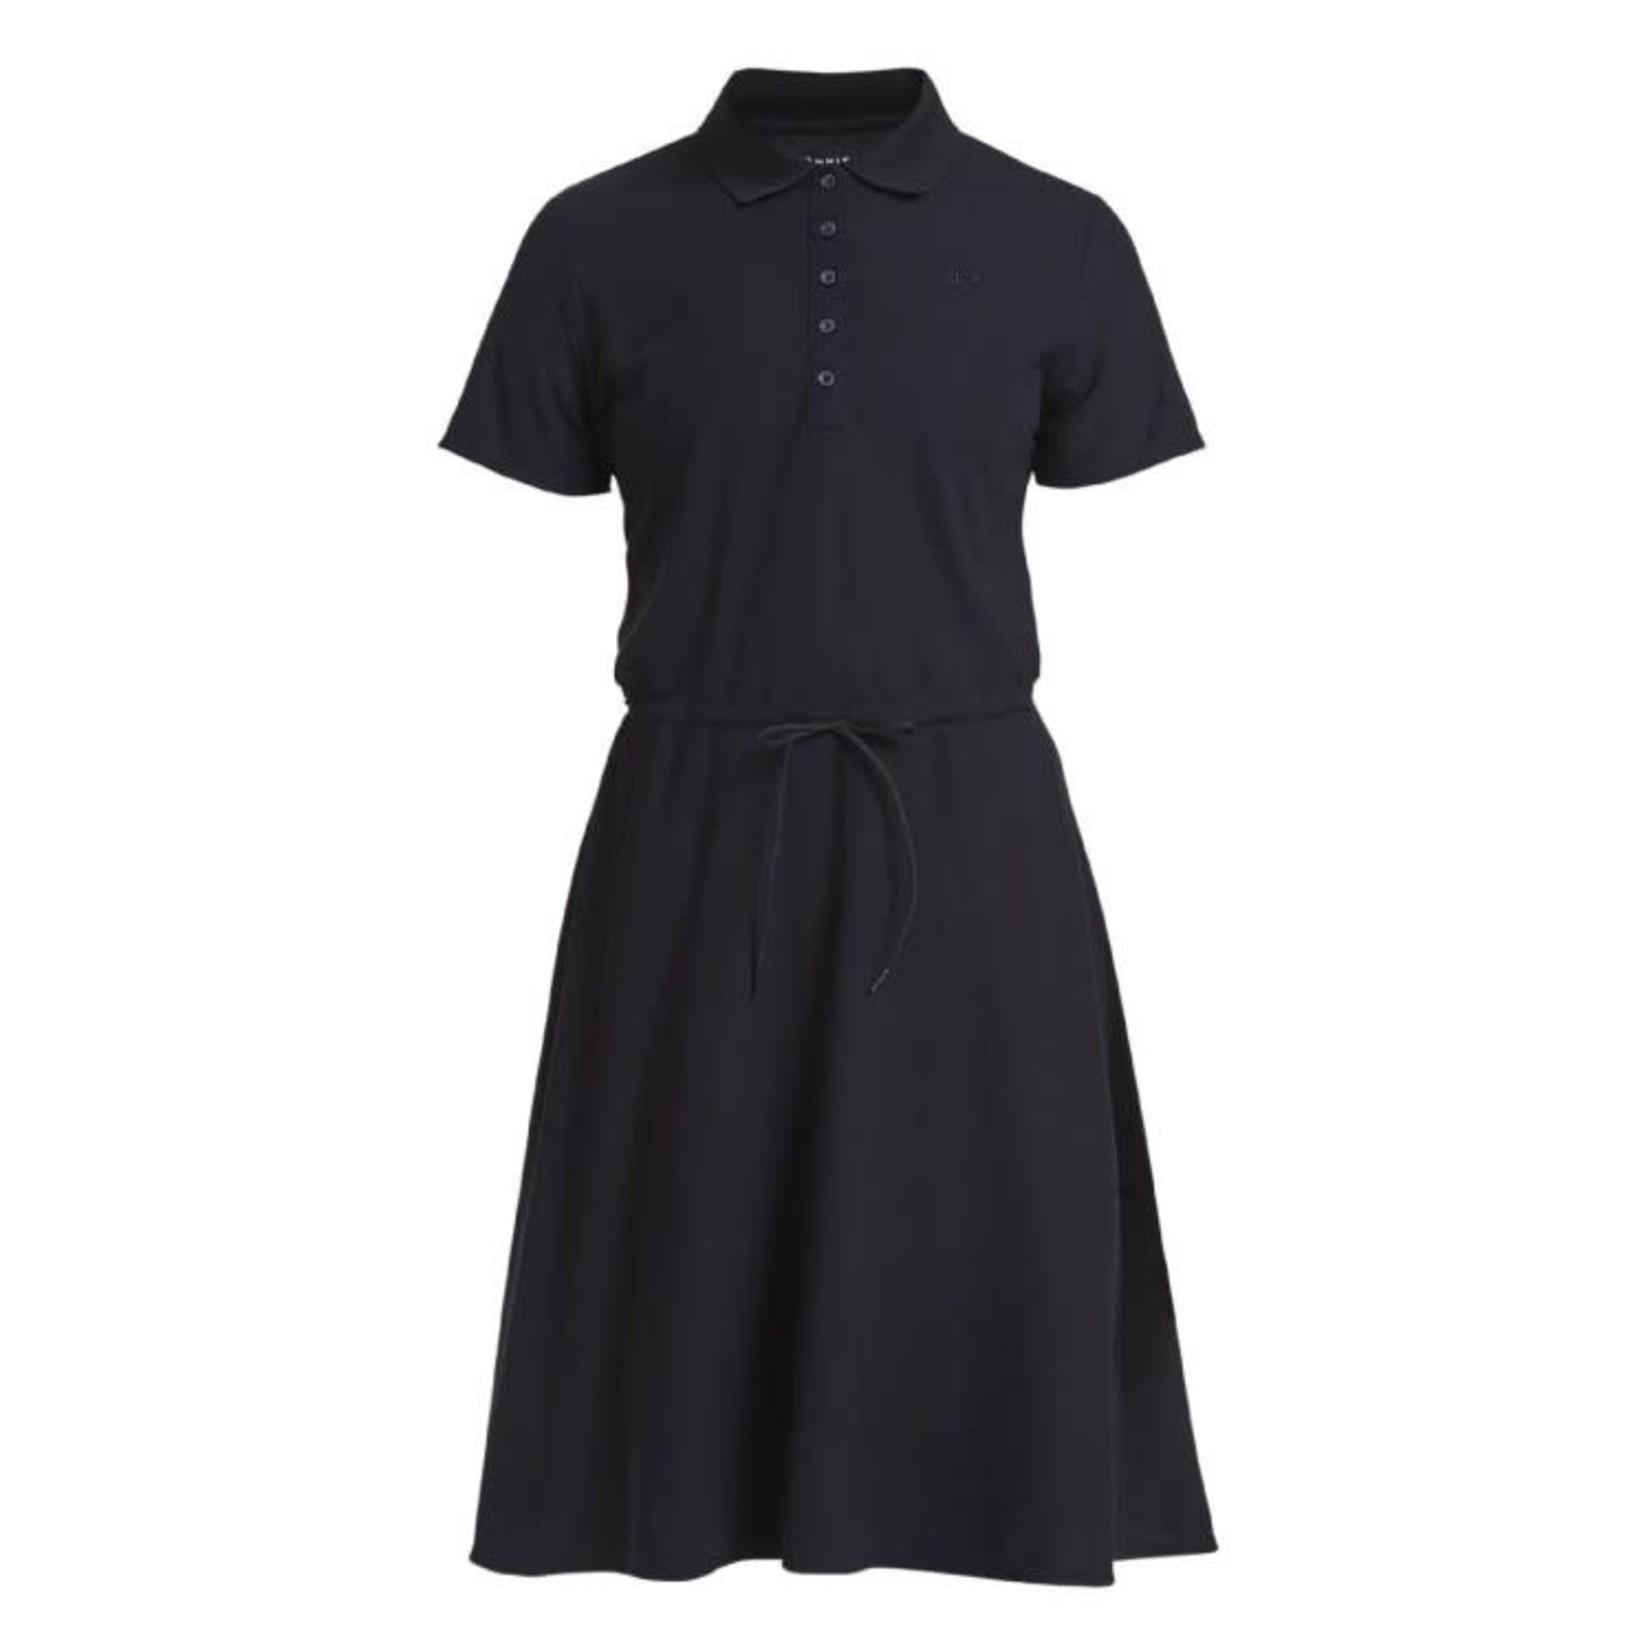 Rohnisch Rohnisch Soft Func Dress Black XXL